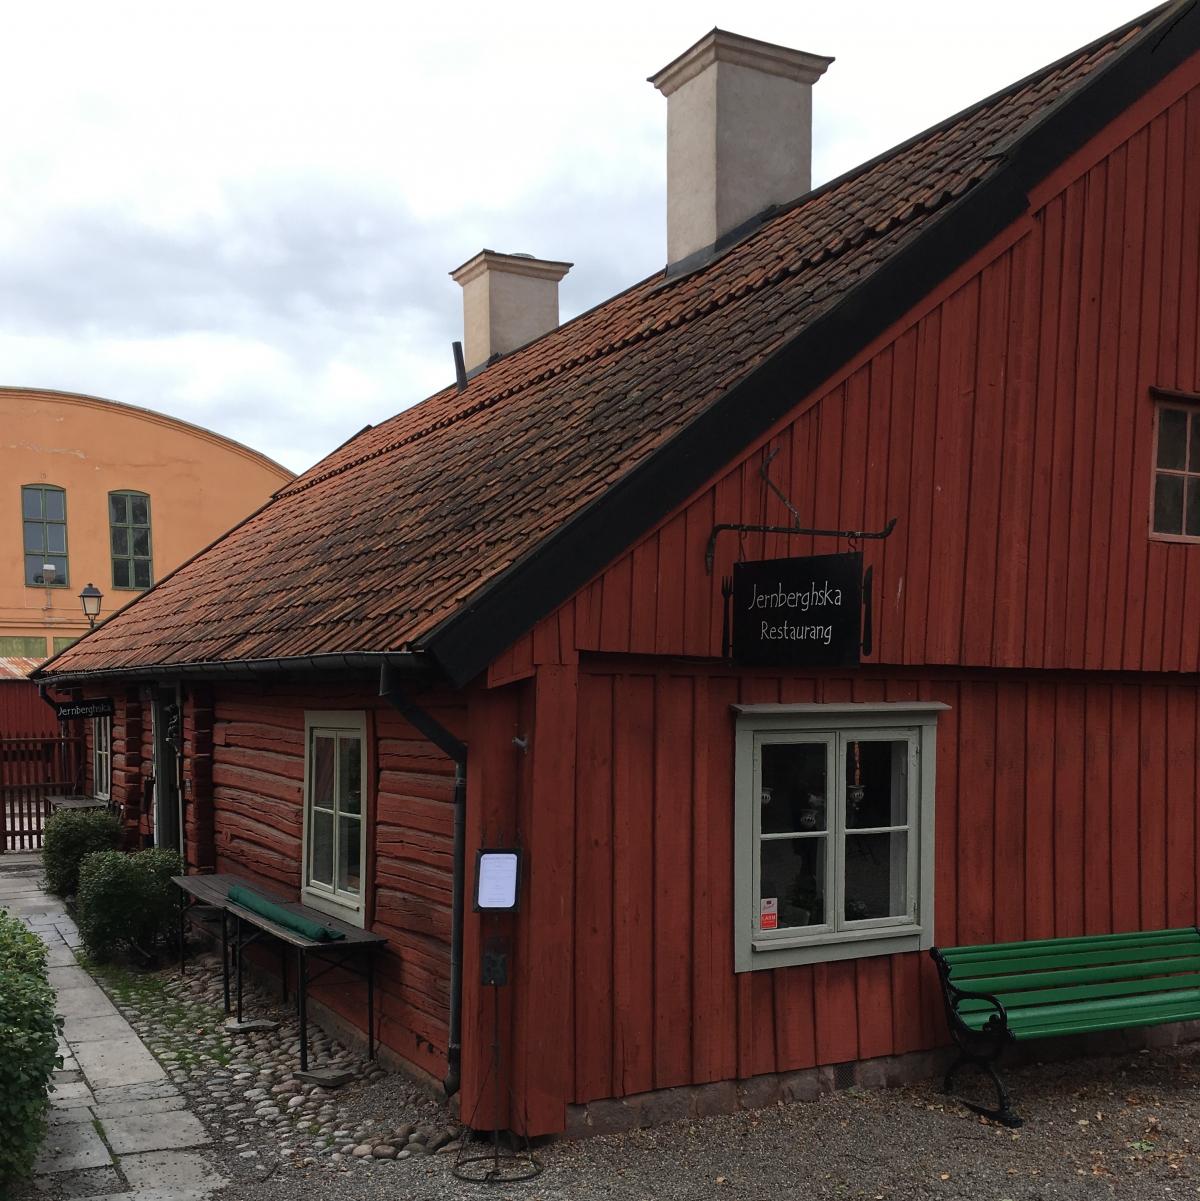 Jernberghska